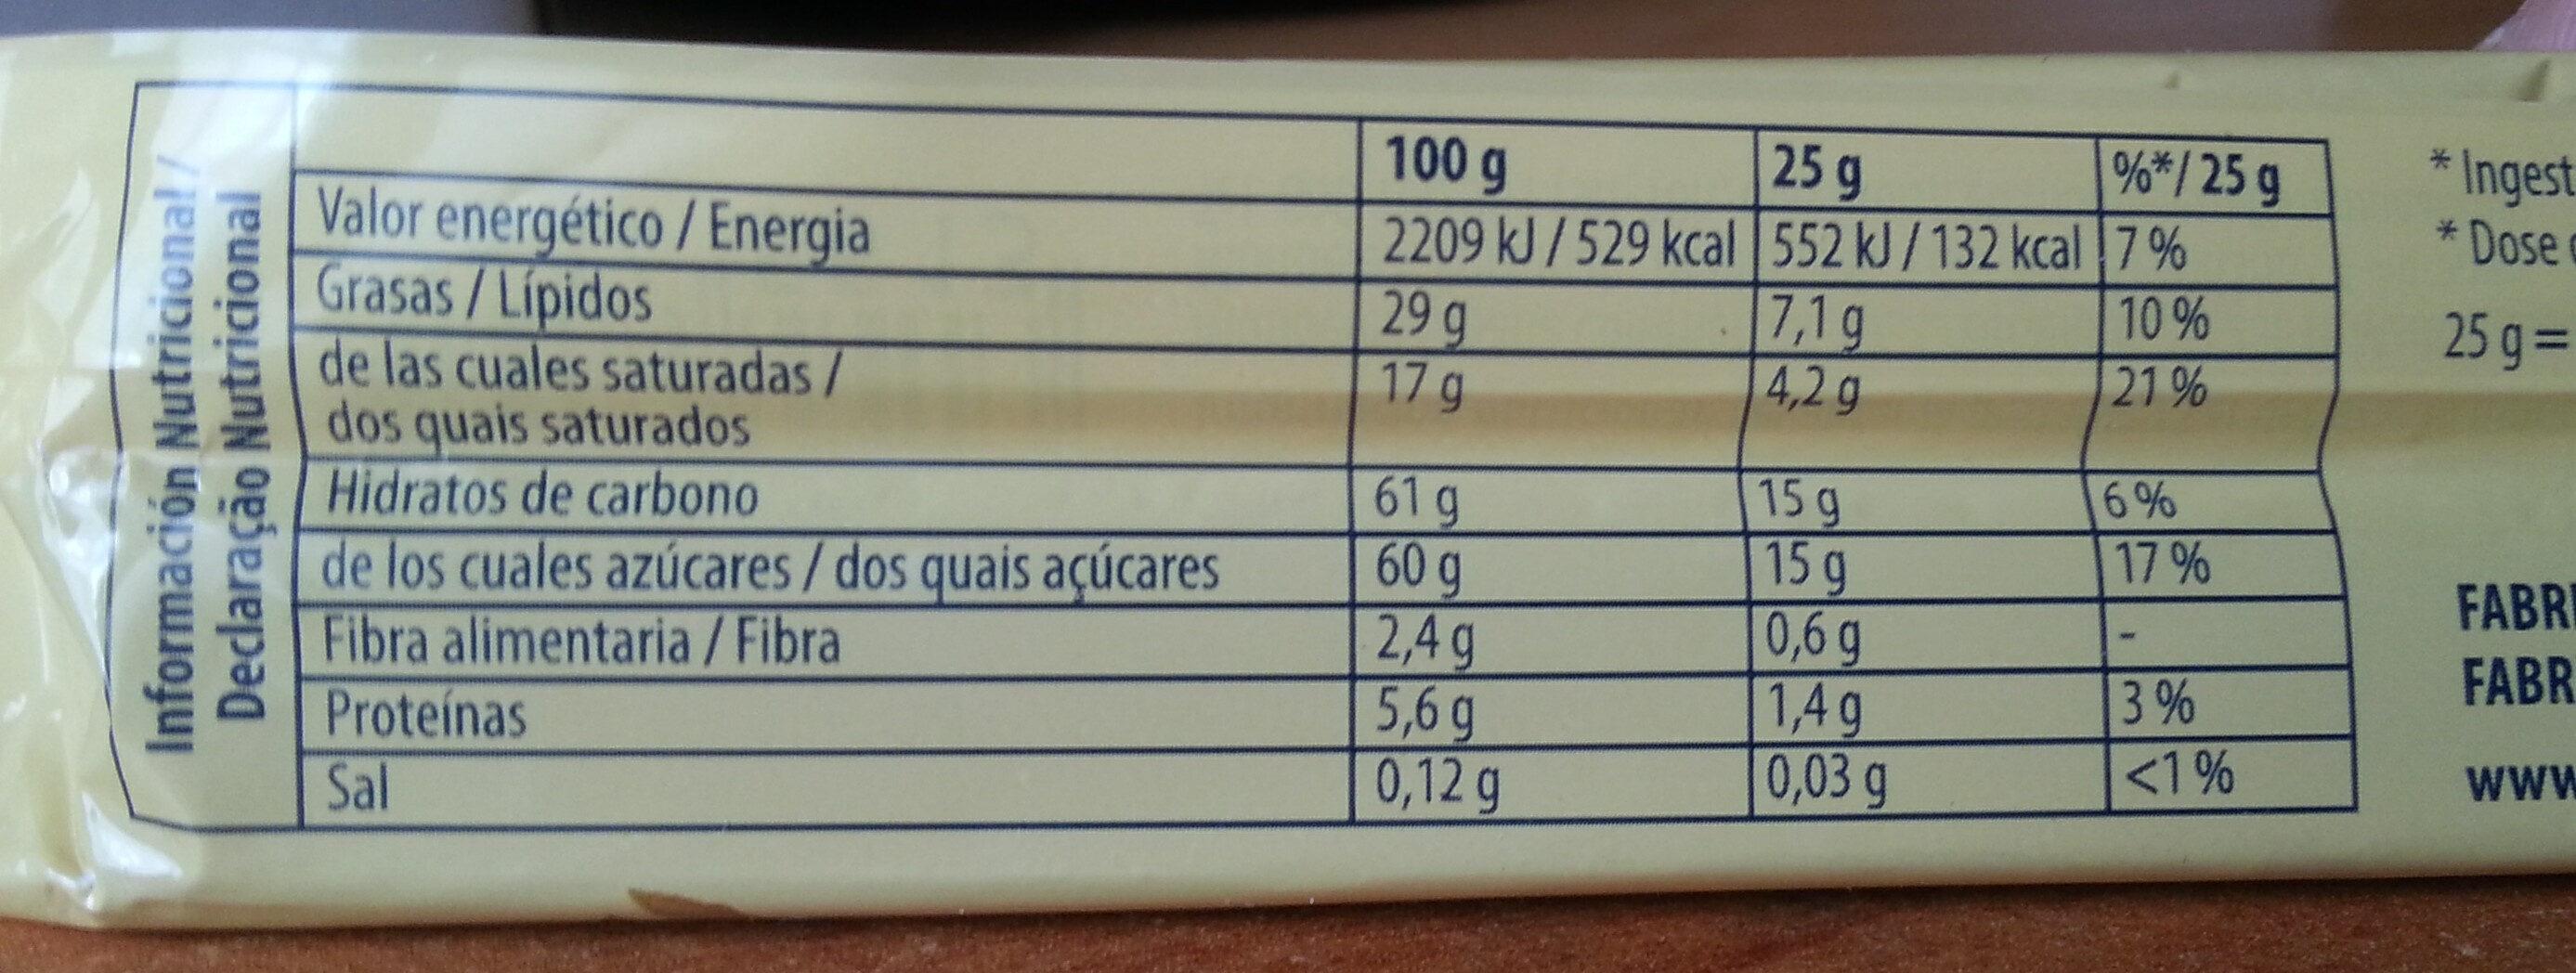 Toblerone - Información nutricional - es